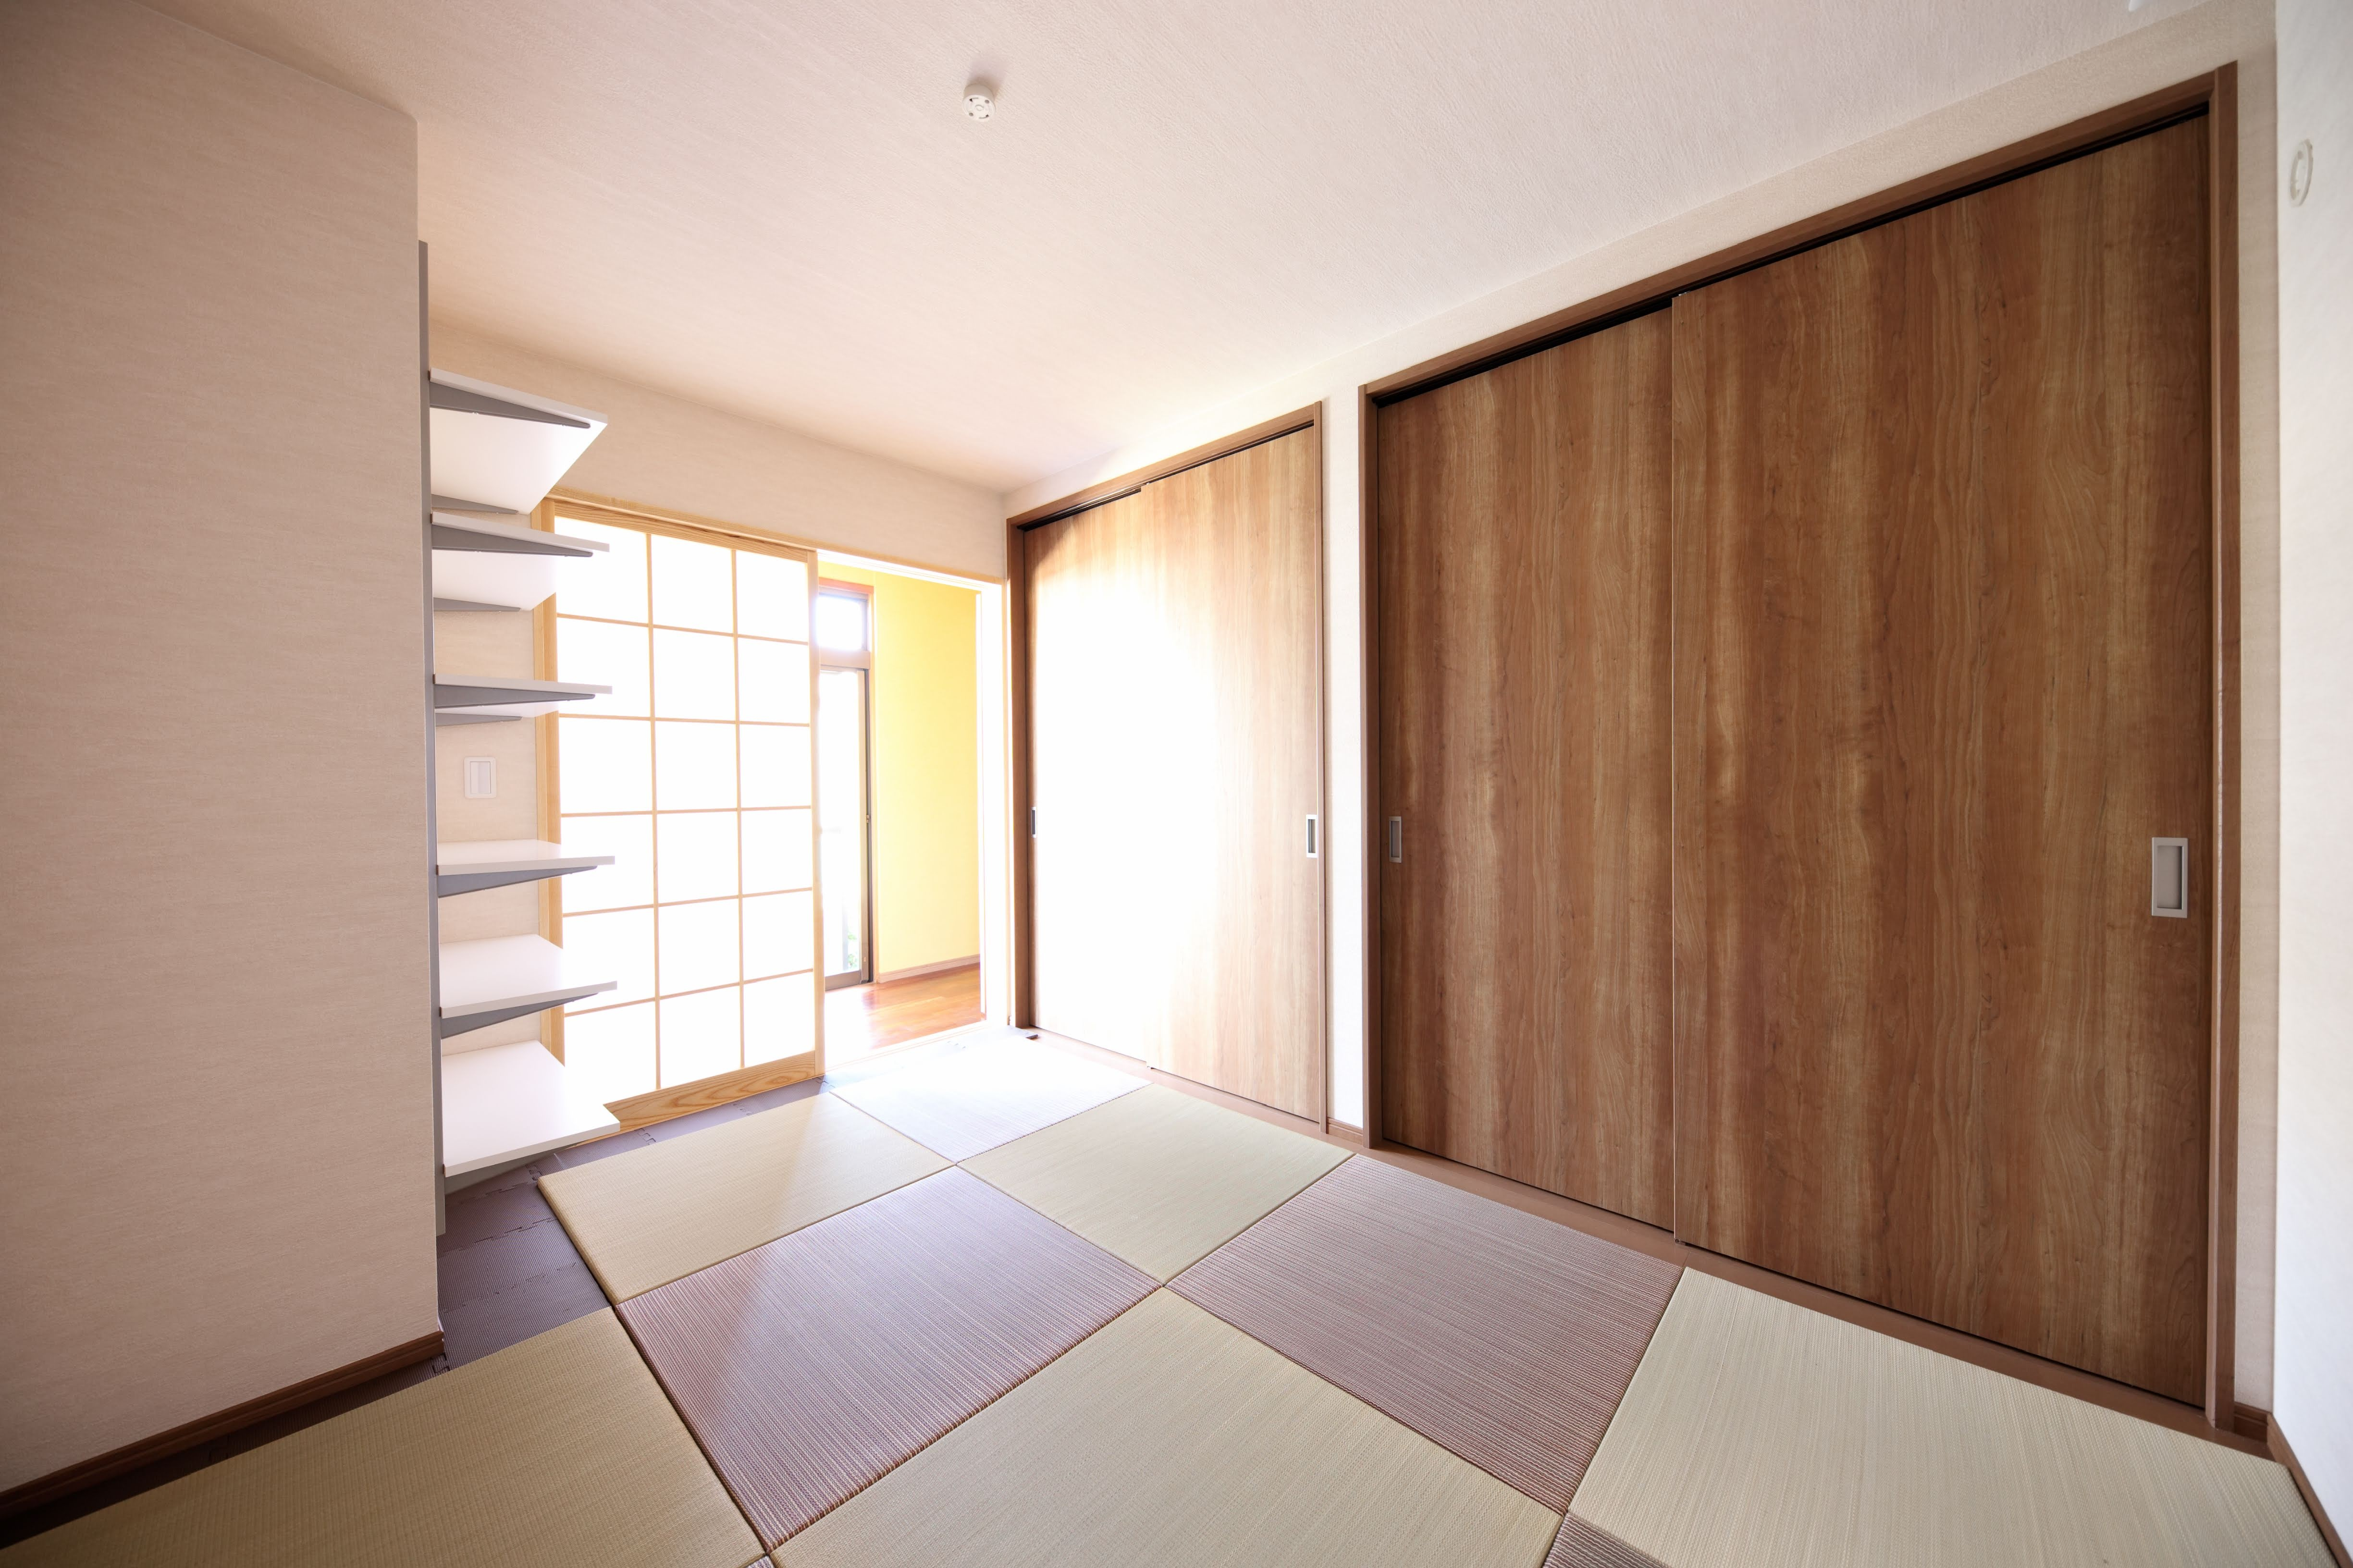 リビングダイニング事例:寝室(縁側で夏を感じる家)